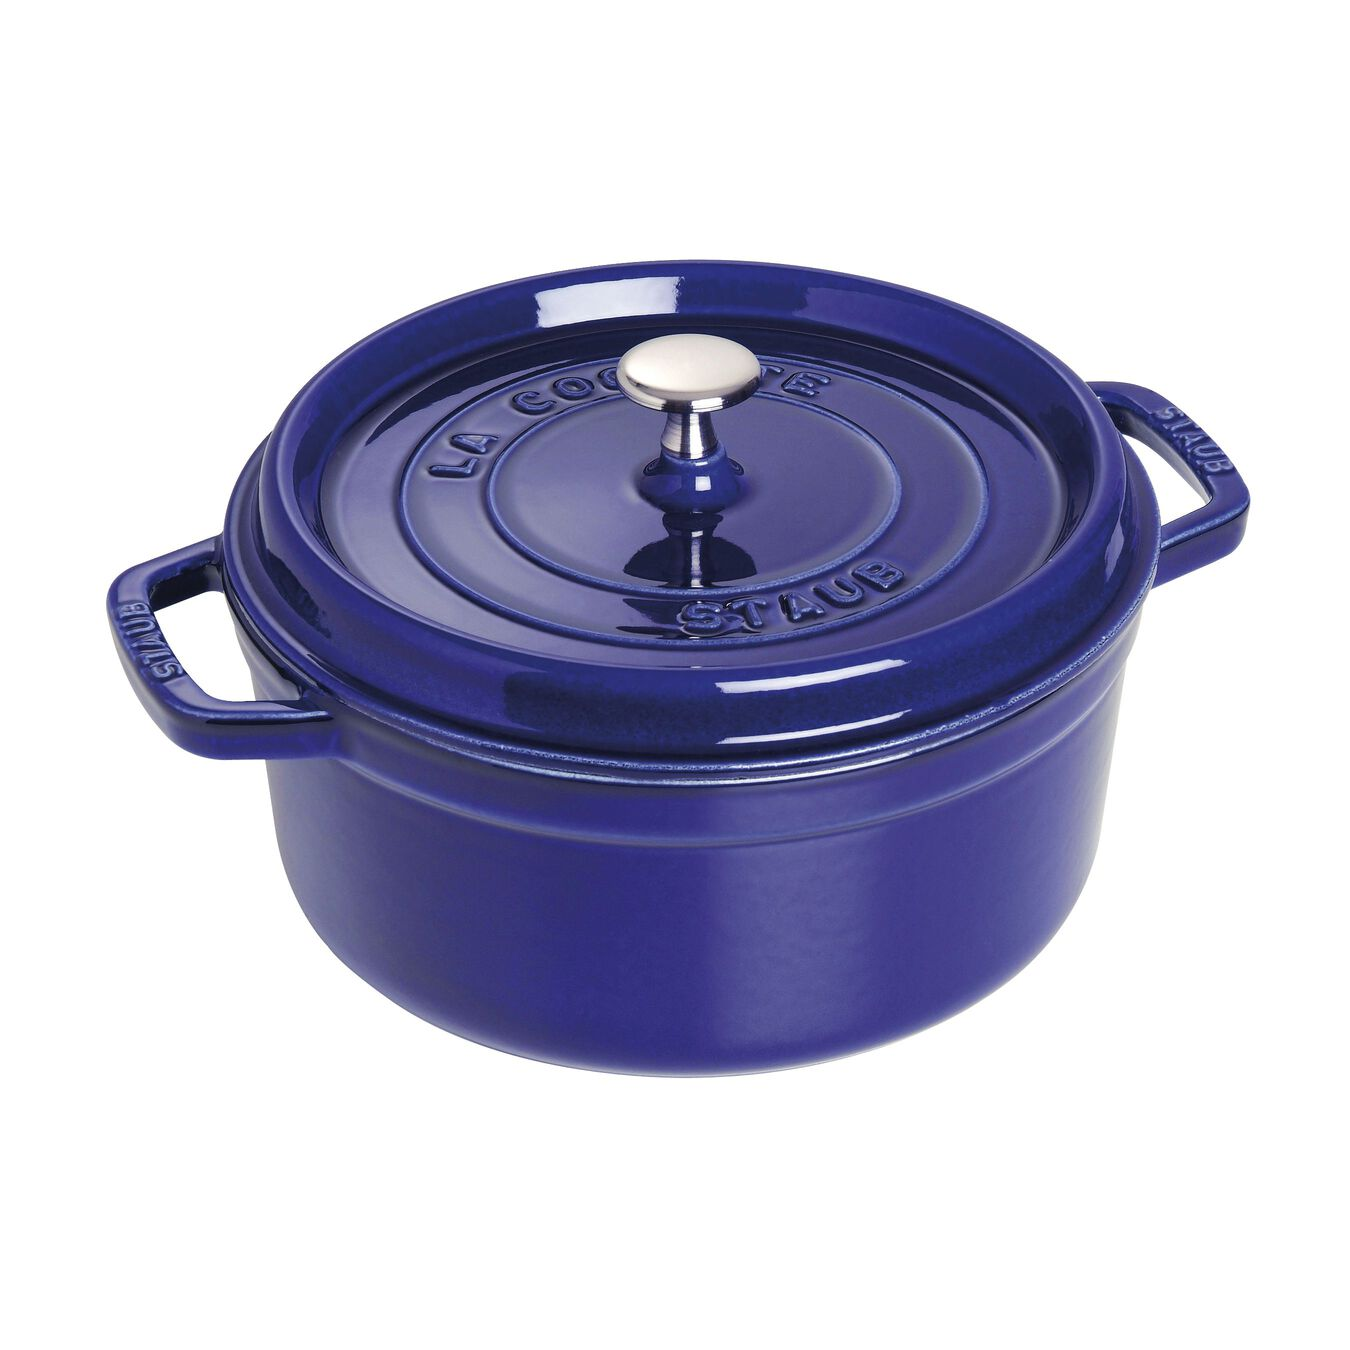 Cocotte 22 cm, Rond(e), Bleu intense, Fonte,,large 1